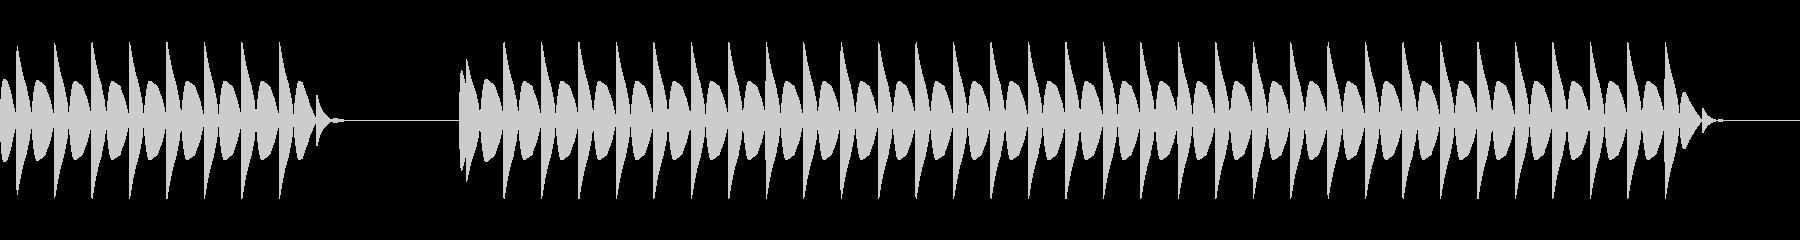 ブブー:不正解の未再生の波形